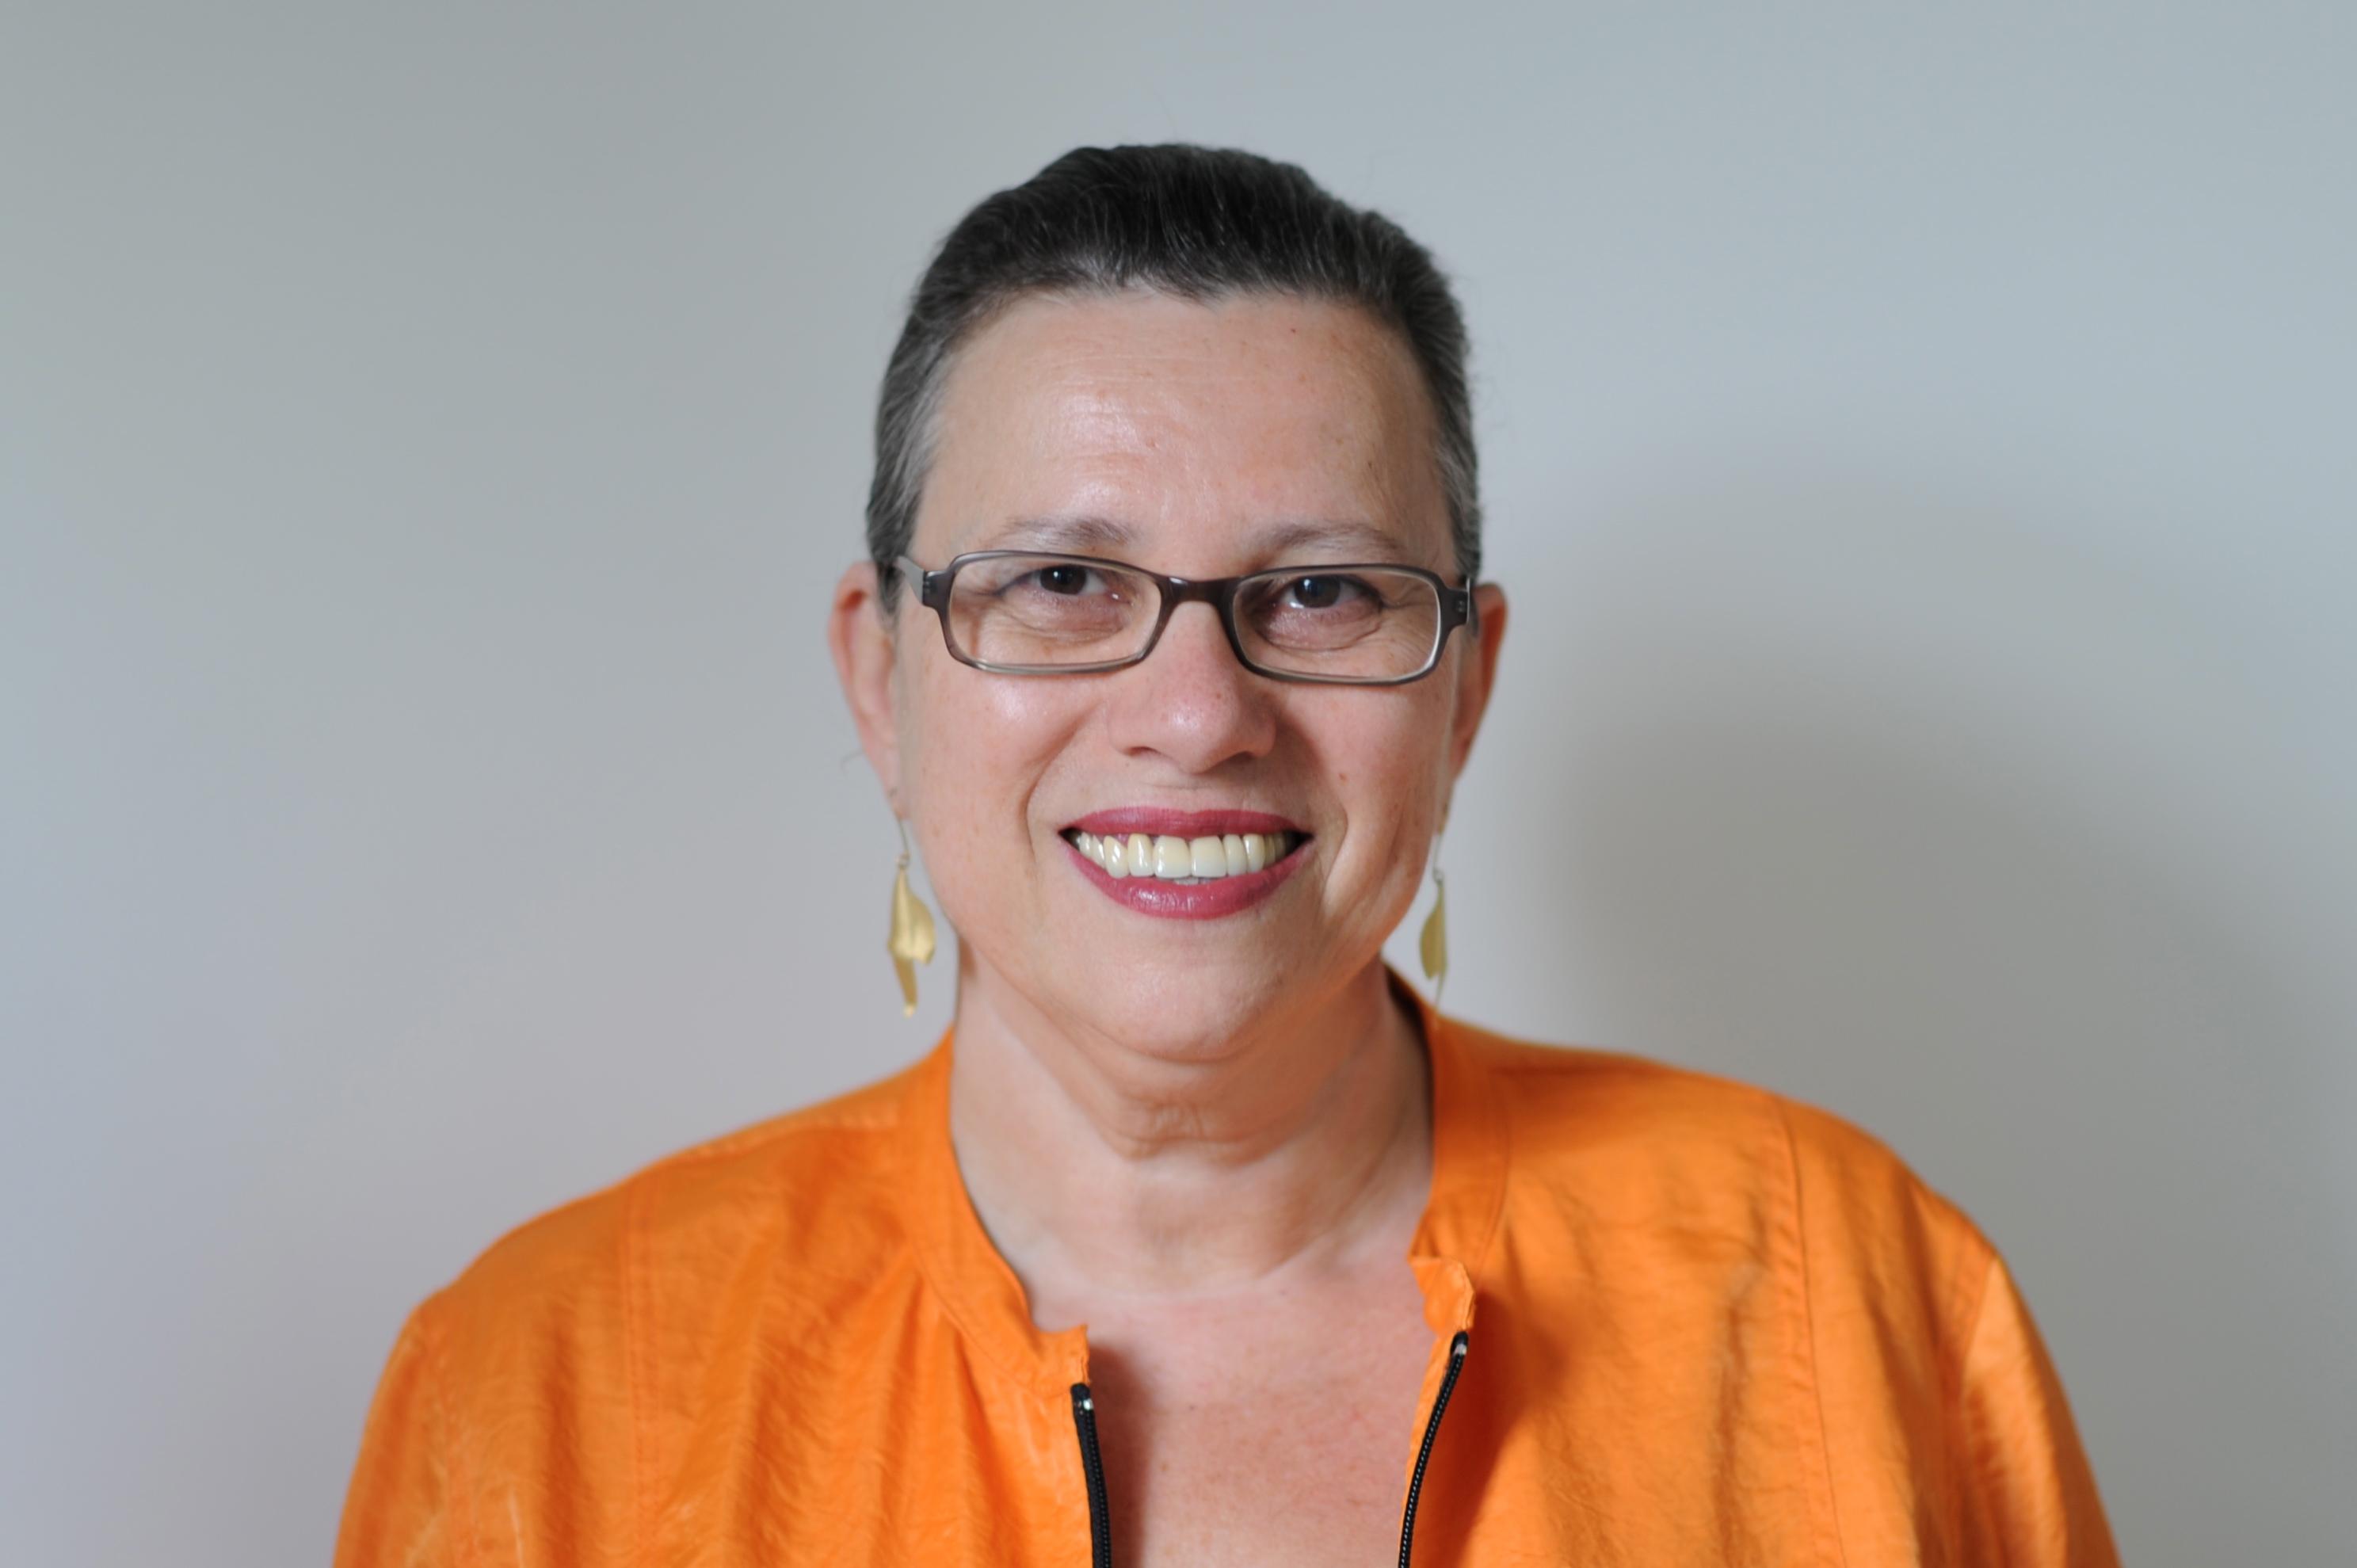 תעודת זהות: שולה מוזס, תורמת ישראלית במשרה מלאה